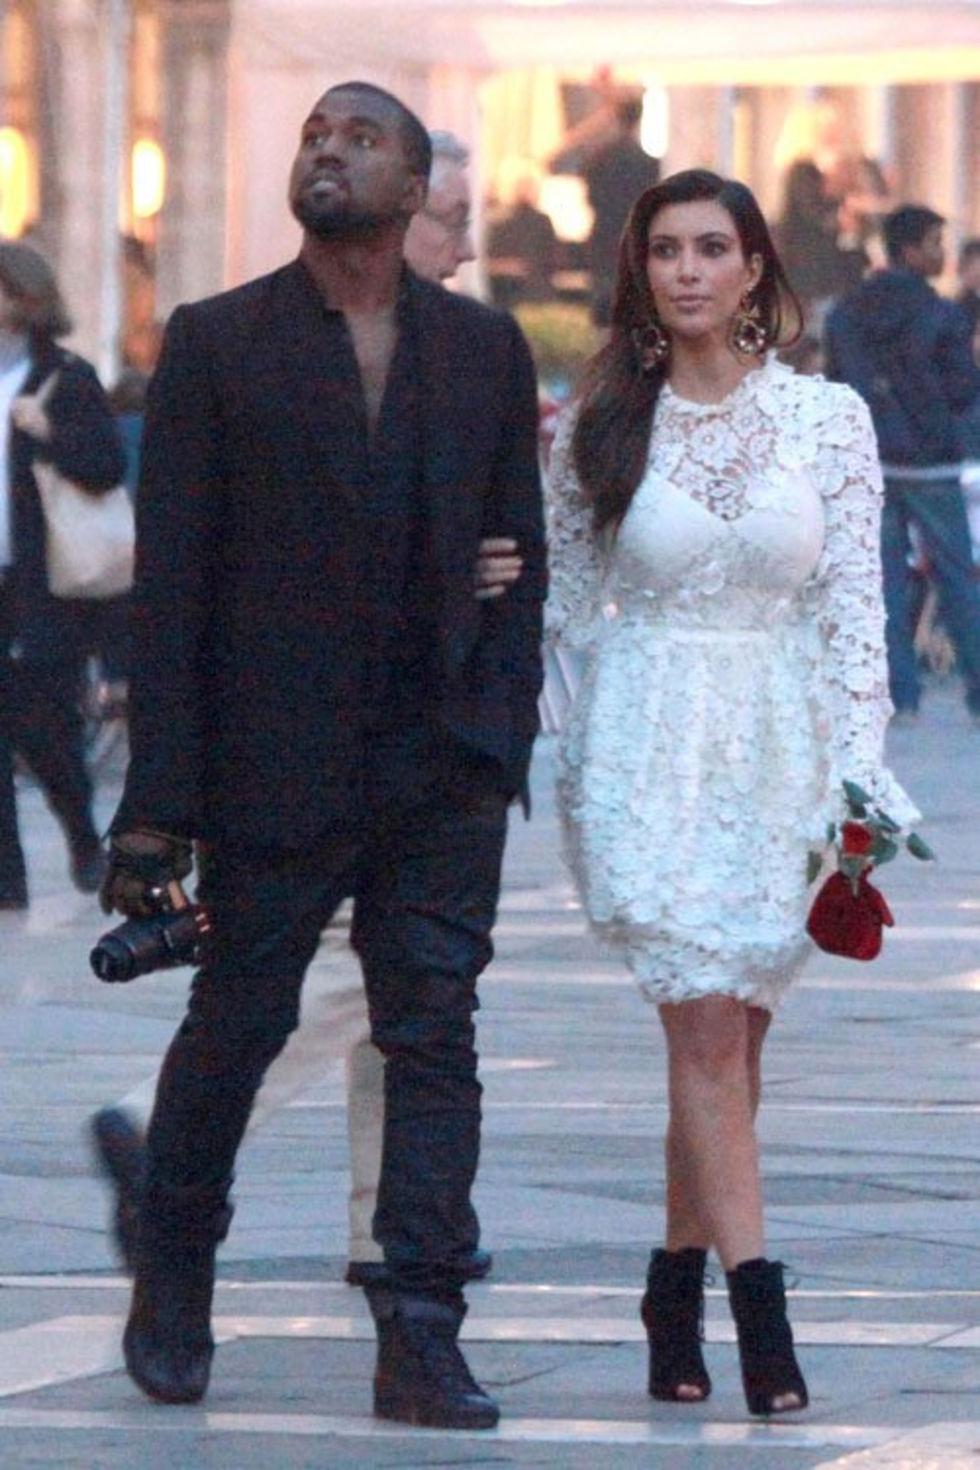 När gjorde Kanye väst och Kim Kardashian börja dejta